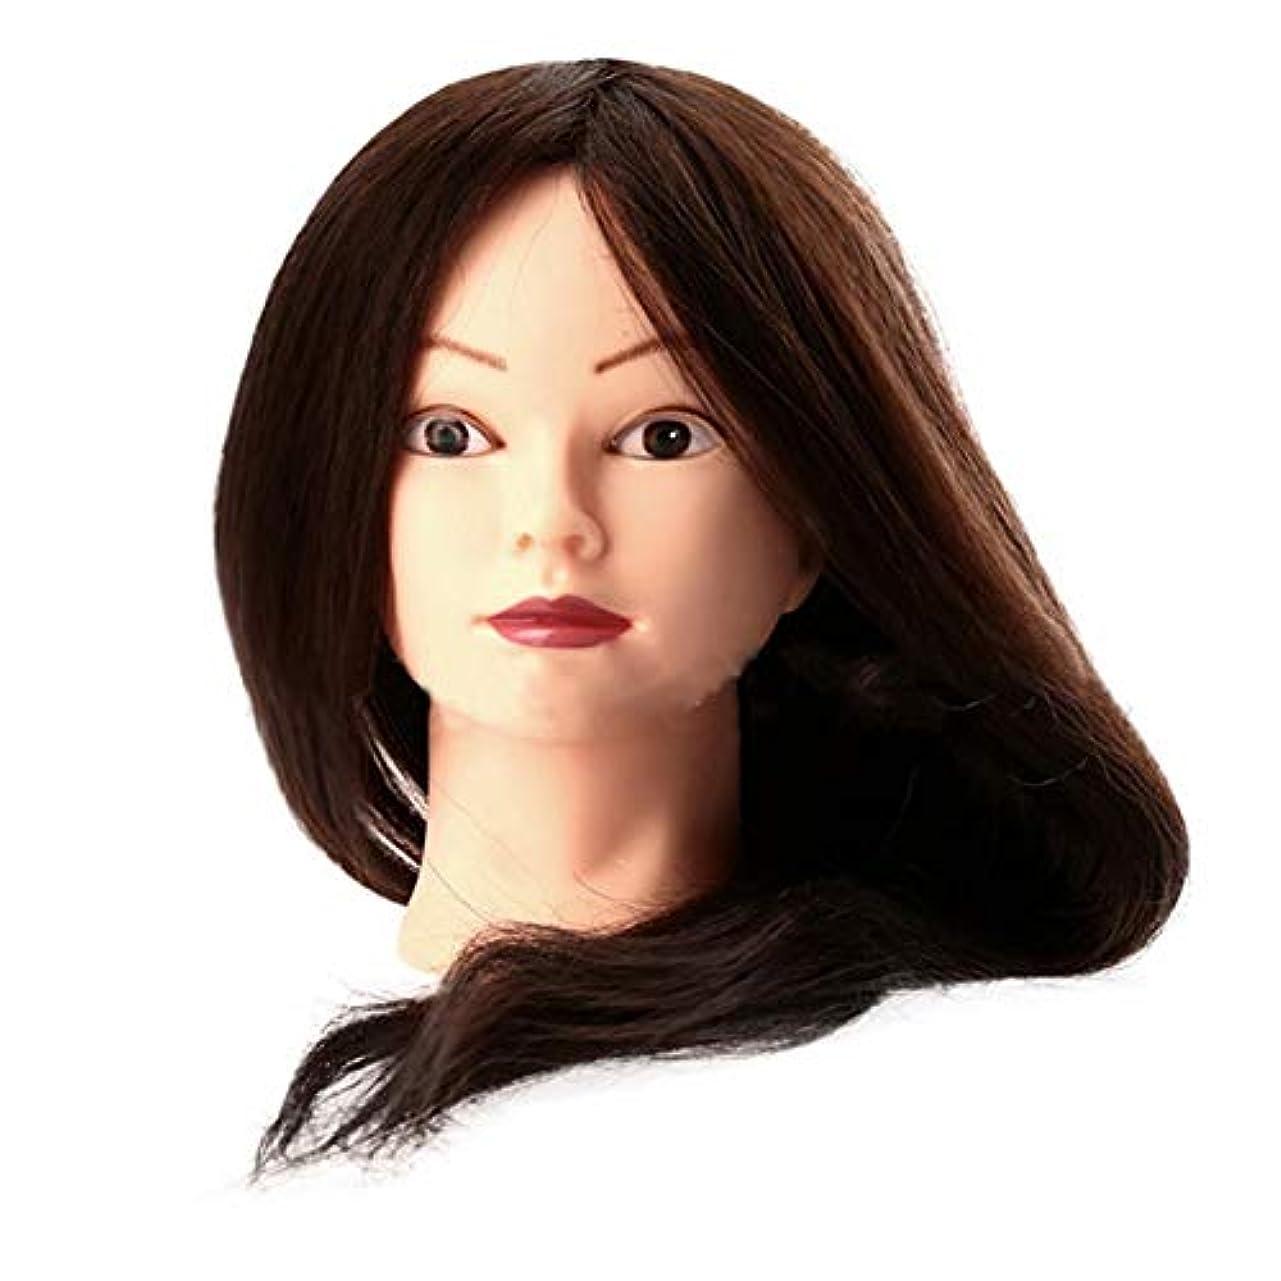 タックル倍率ディベートヘアマネキンヘッド練習ディスク髪編組ヘッドモデル理髪店学校教育かつらヘッドバンドブラケット